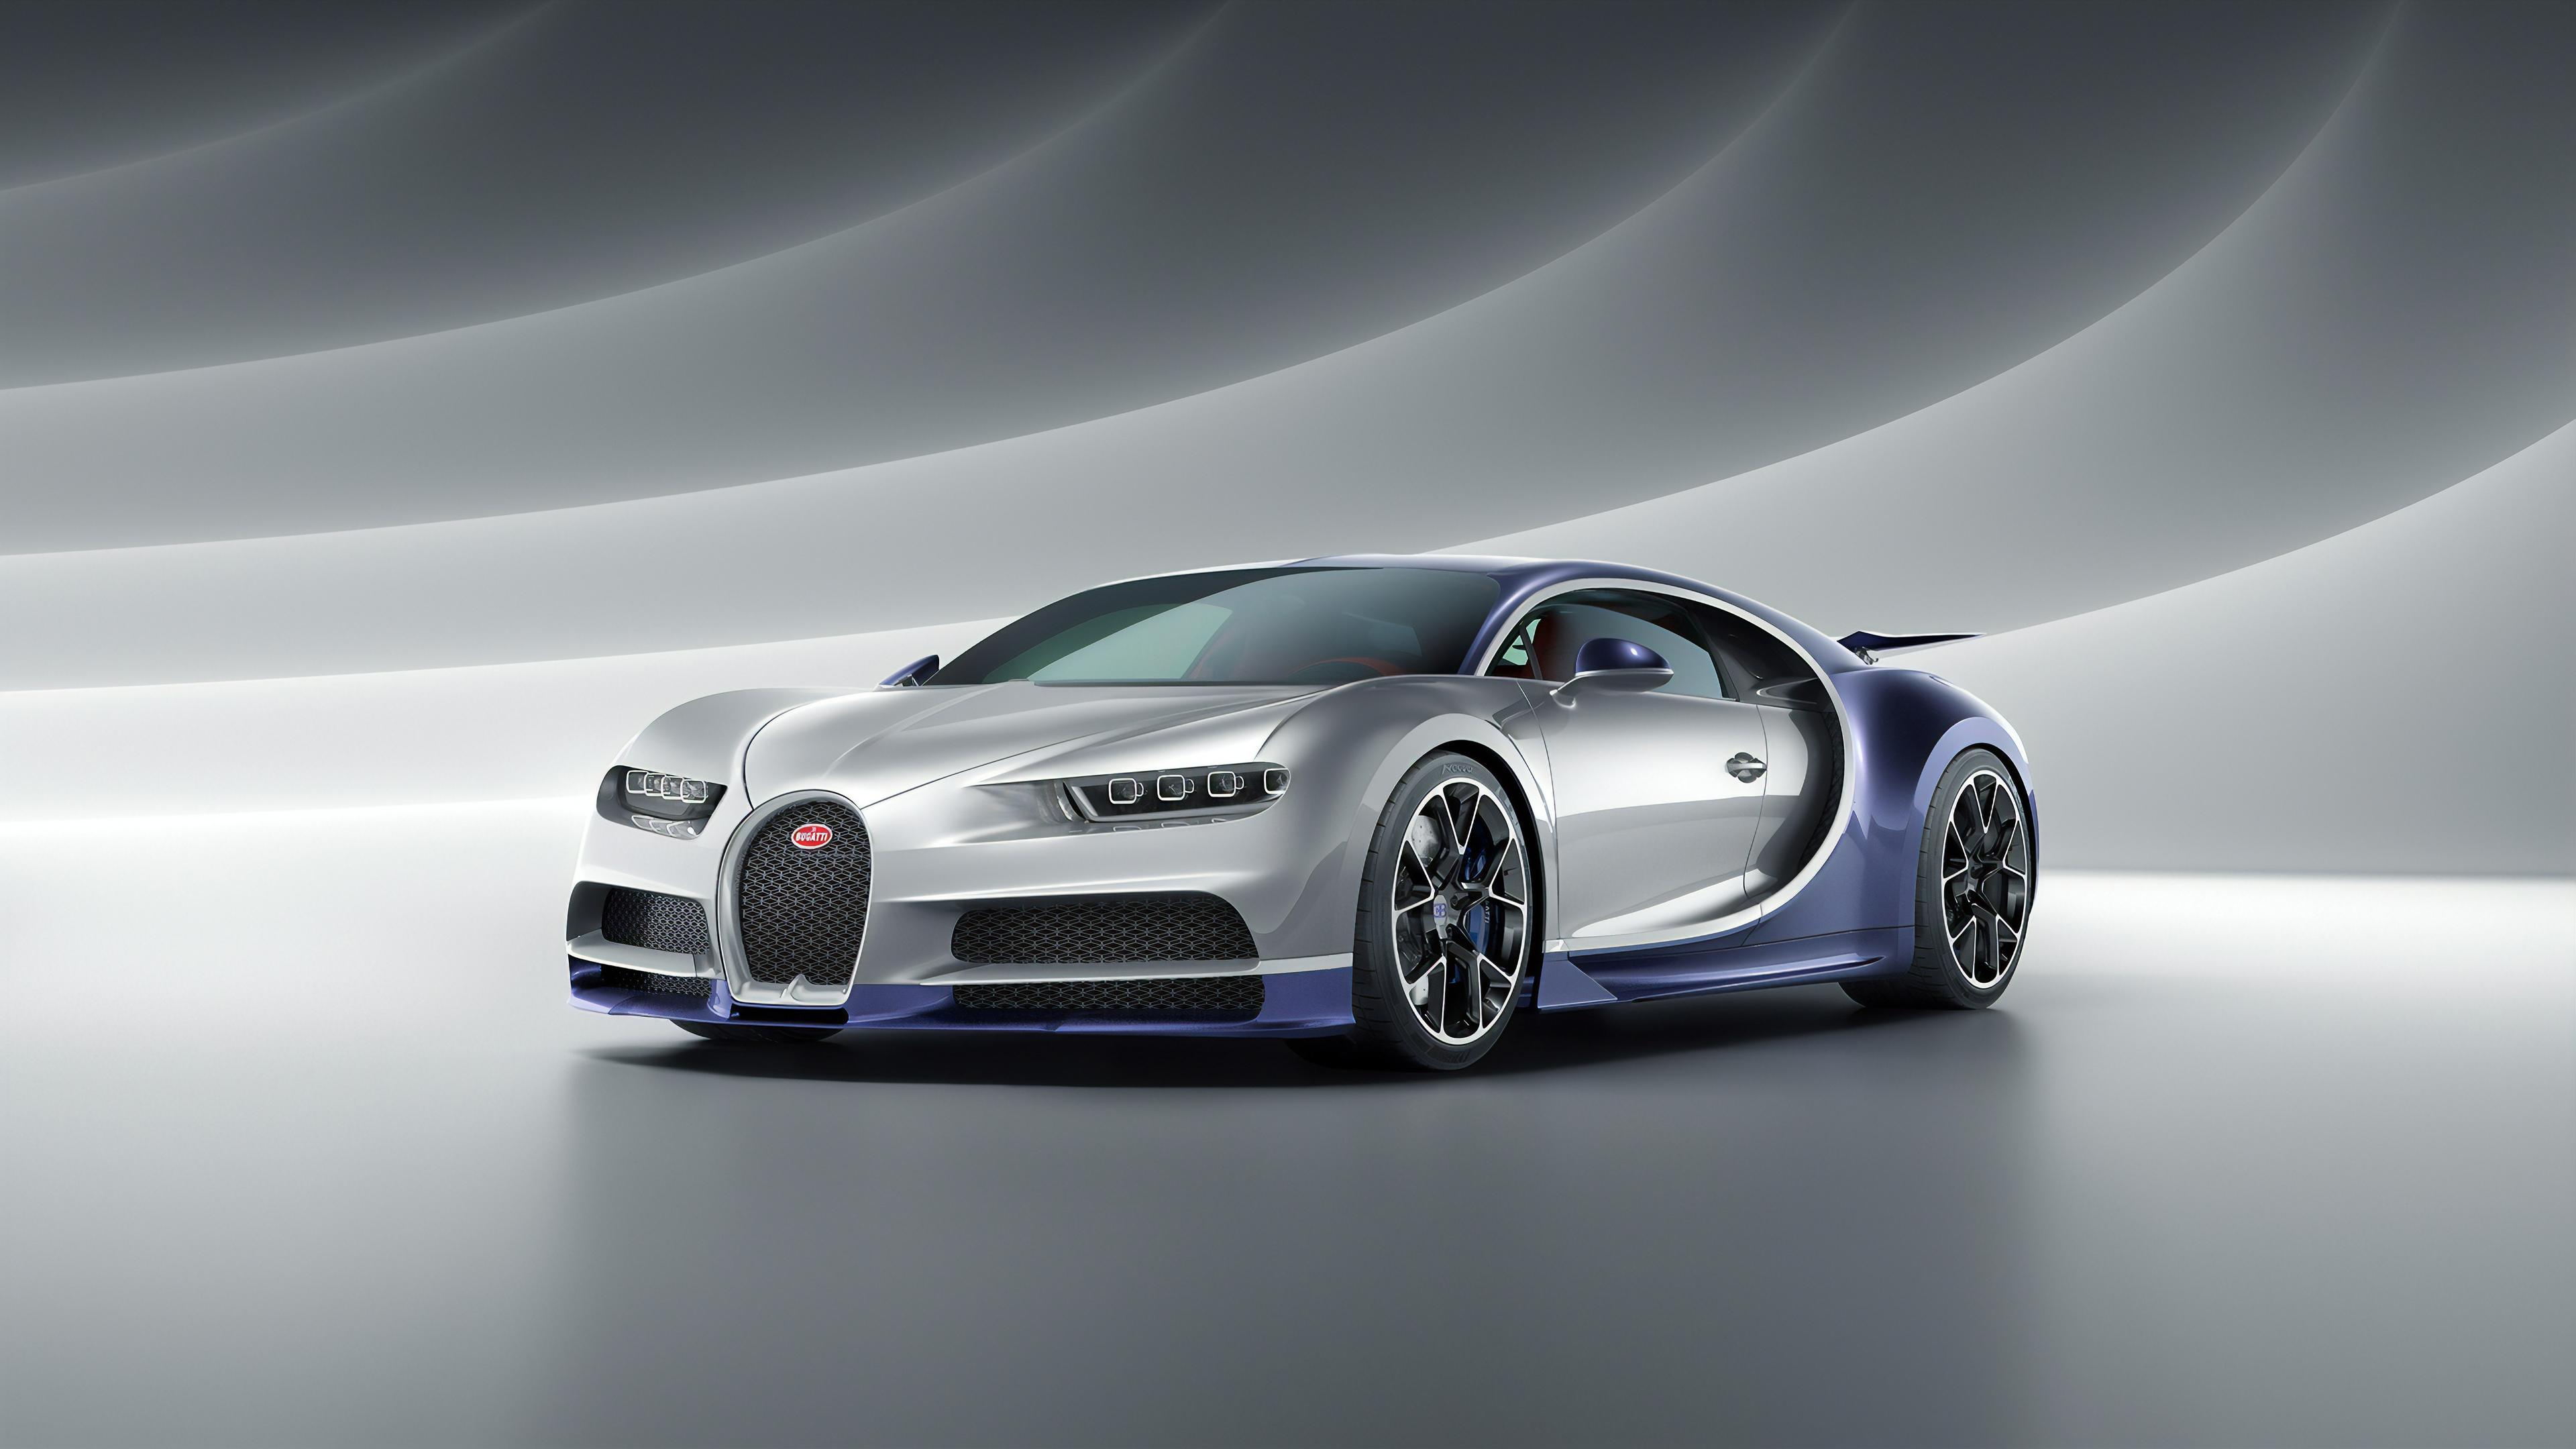 bugatti sport car 1562108058 - Bugatti Sport Car - hd-wallpapers, cars wallpapers, bugatti wallpapers, behance wallpapers